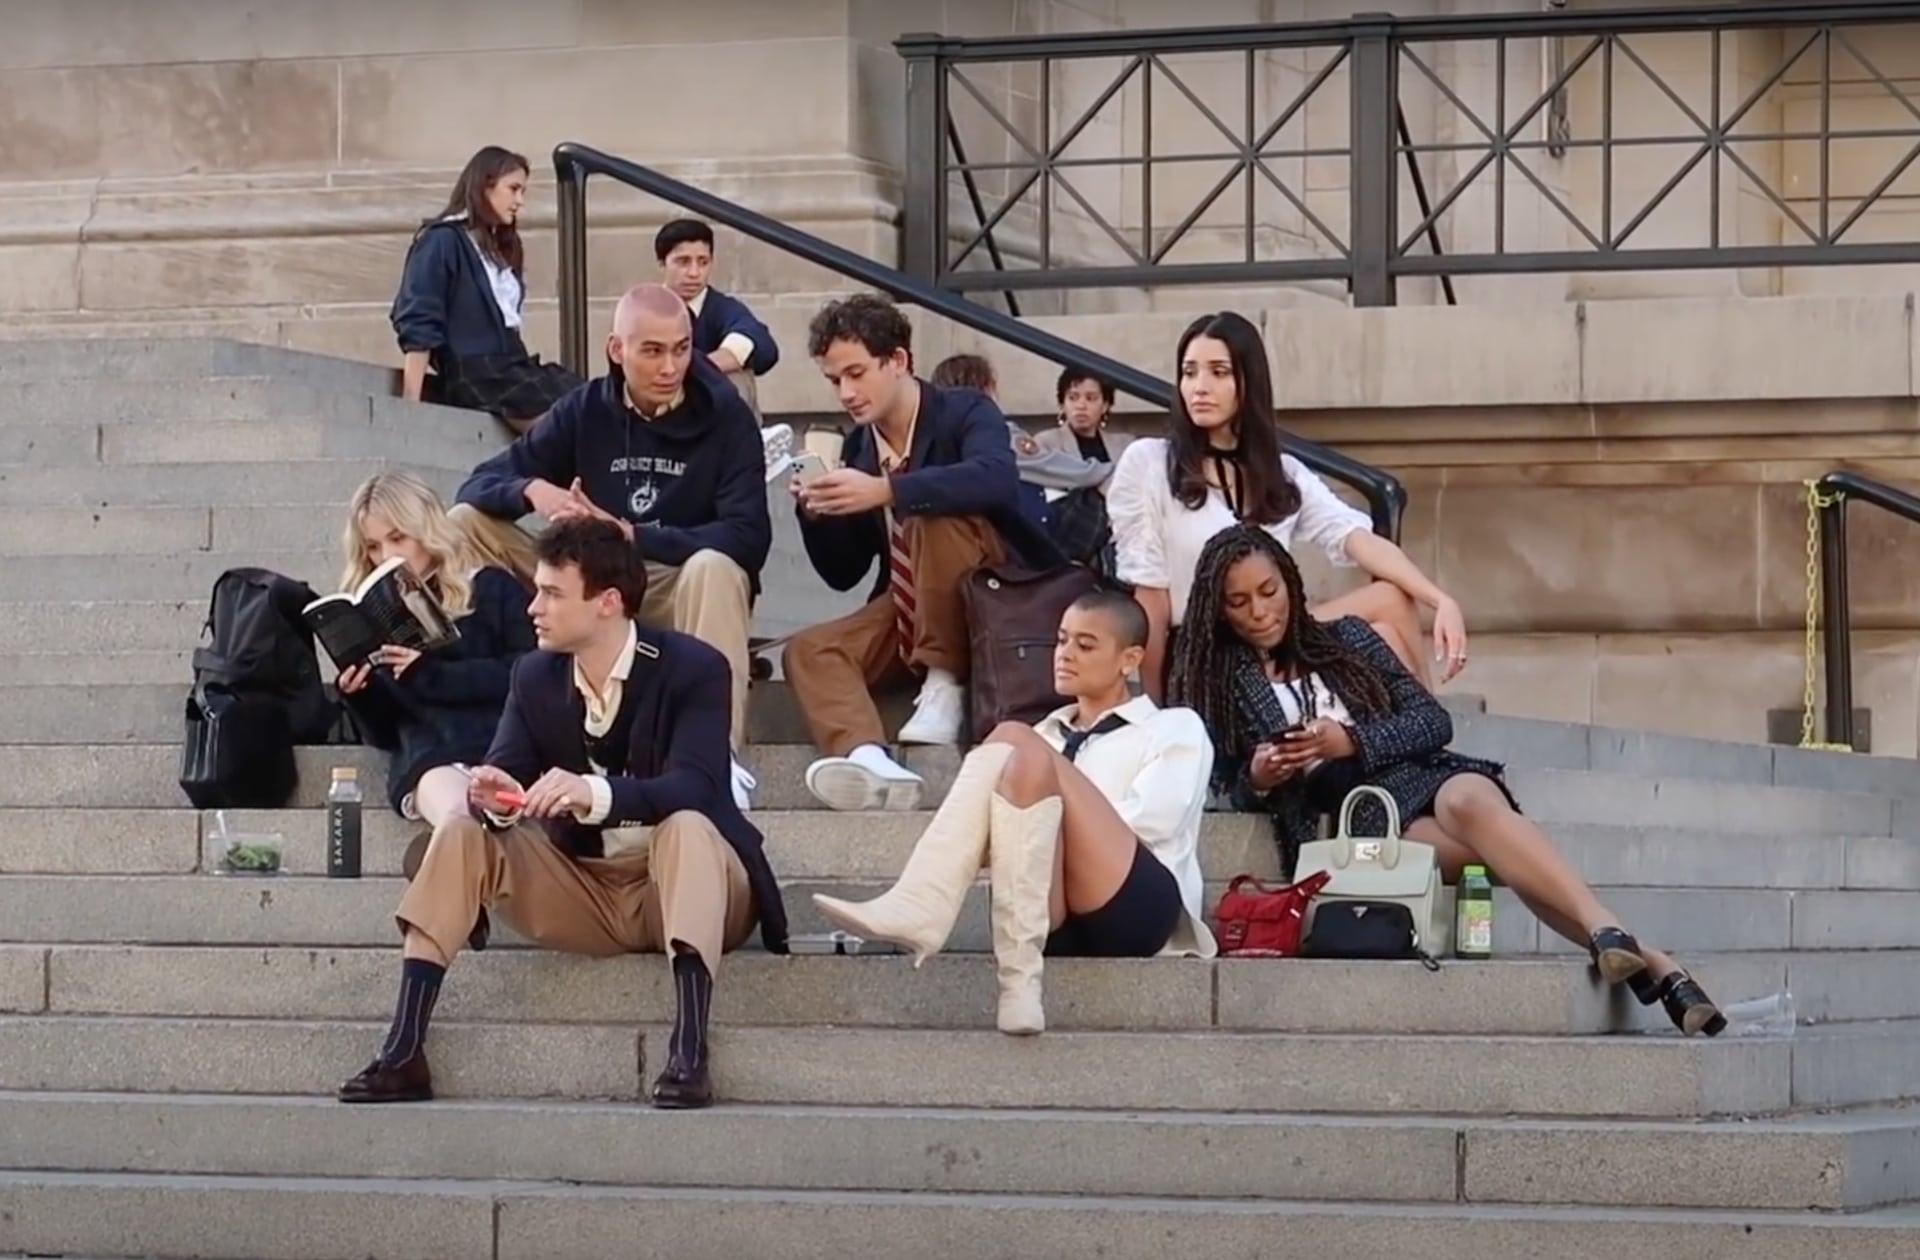 Les looks du nouveau «Gossip Girl» seront-ils aussi iconiques que ceux de l'original?